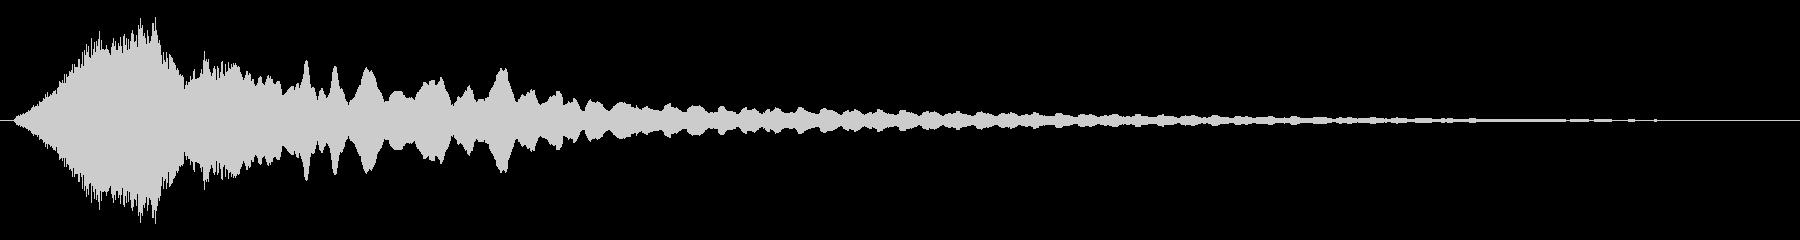 上昇 ライジングビー01の未再生の波形